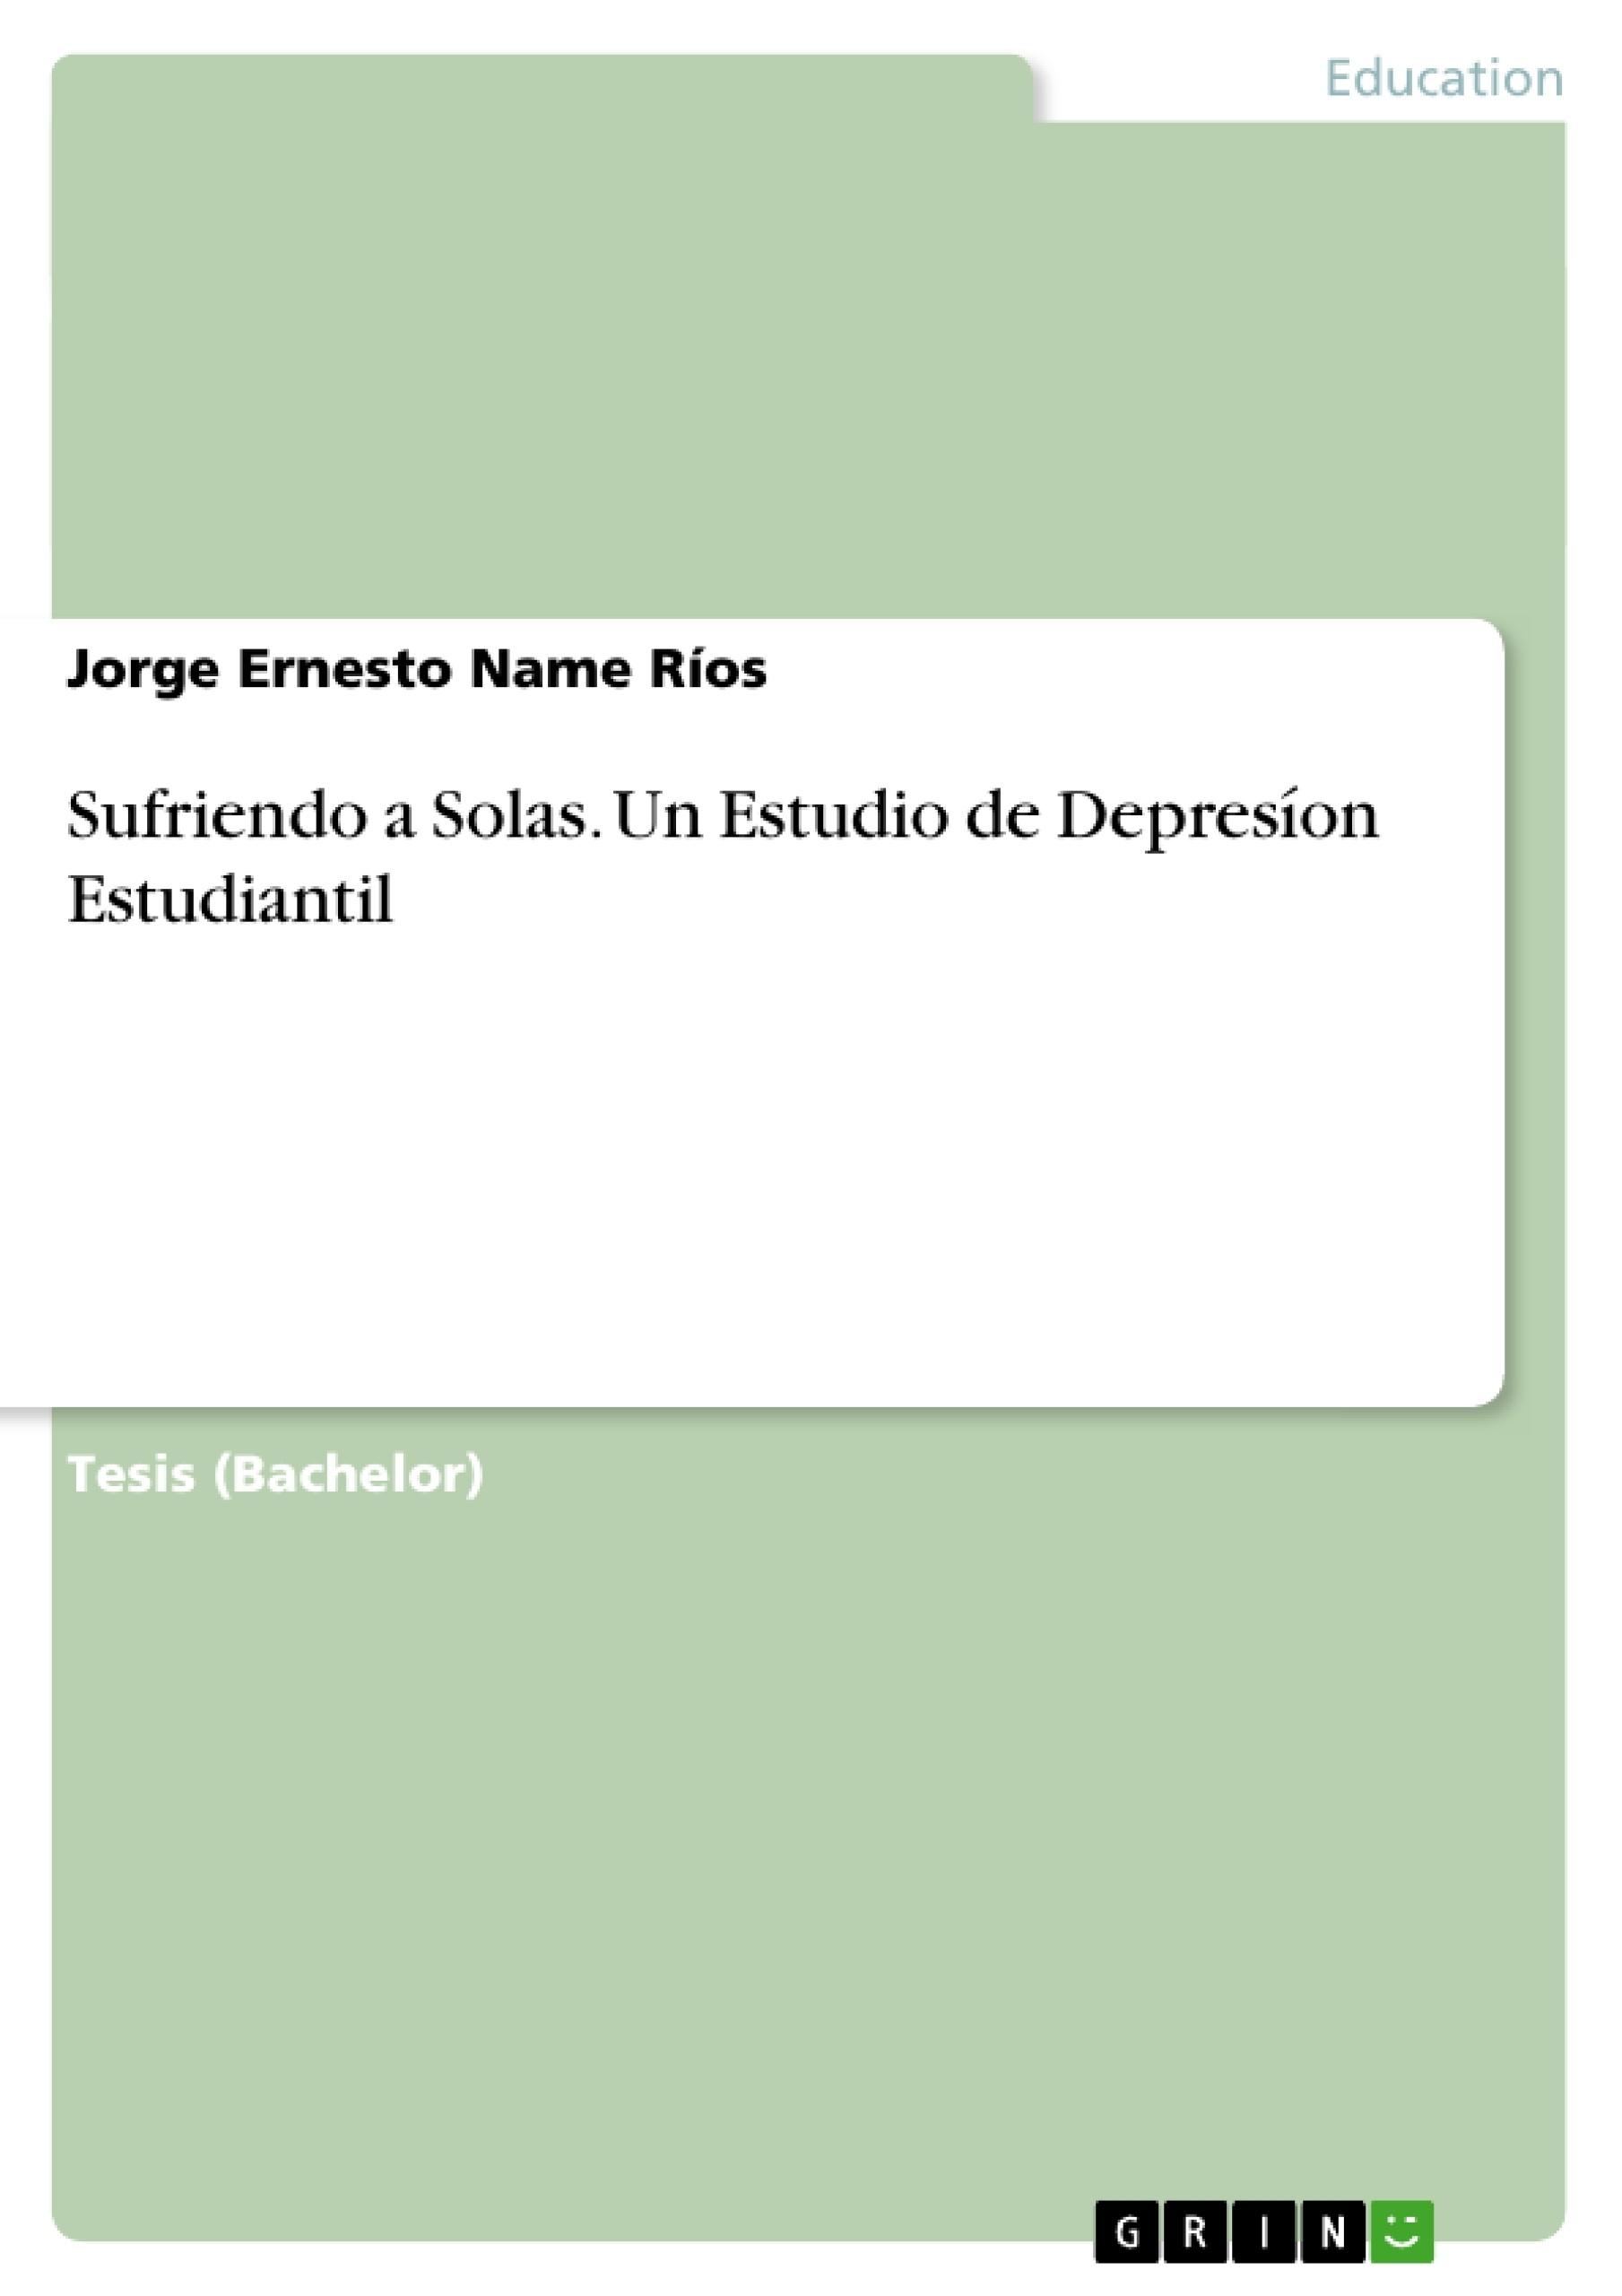 Título: Sufriendo a Solas. Un Estudio de Depresíon Estudiantil